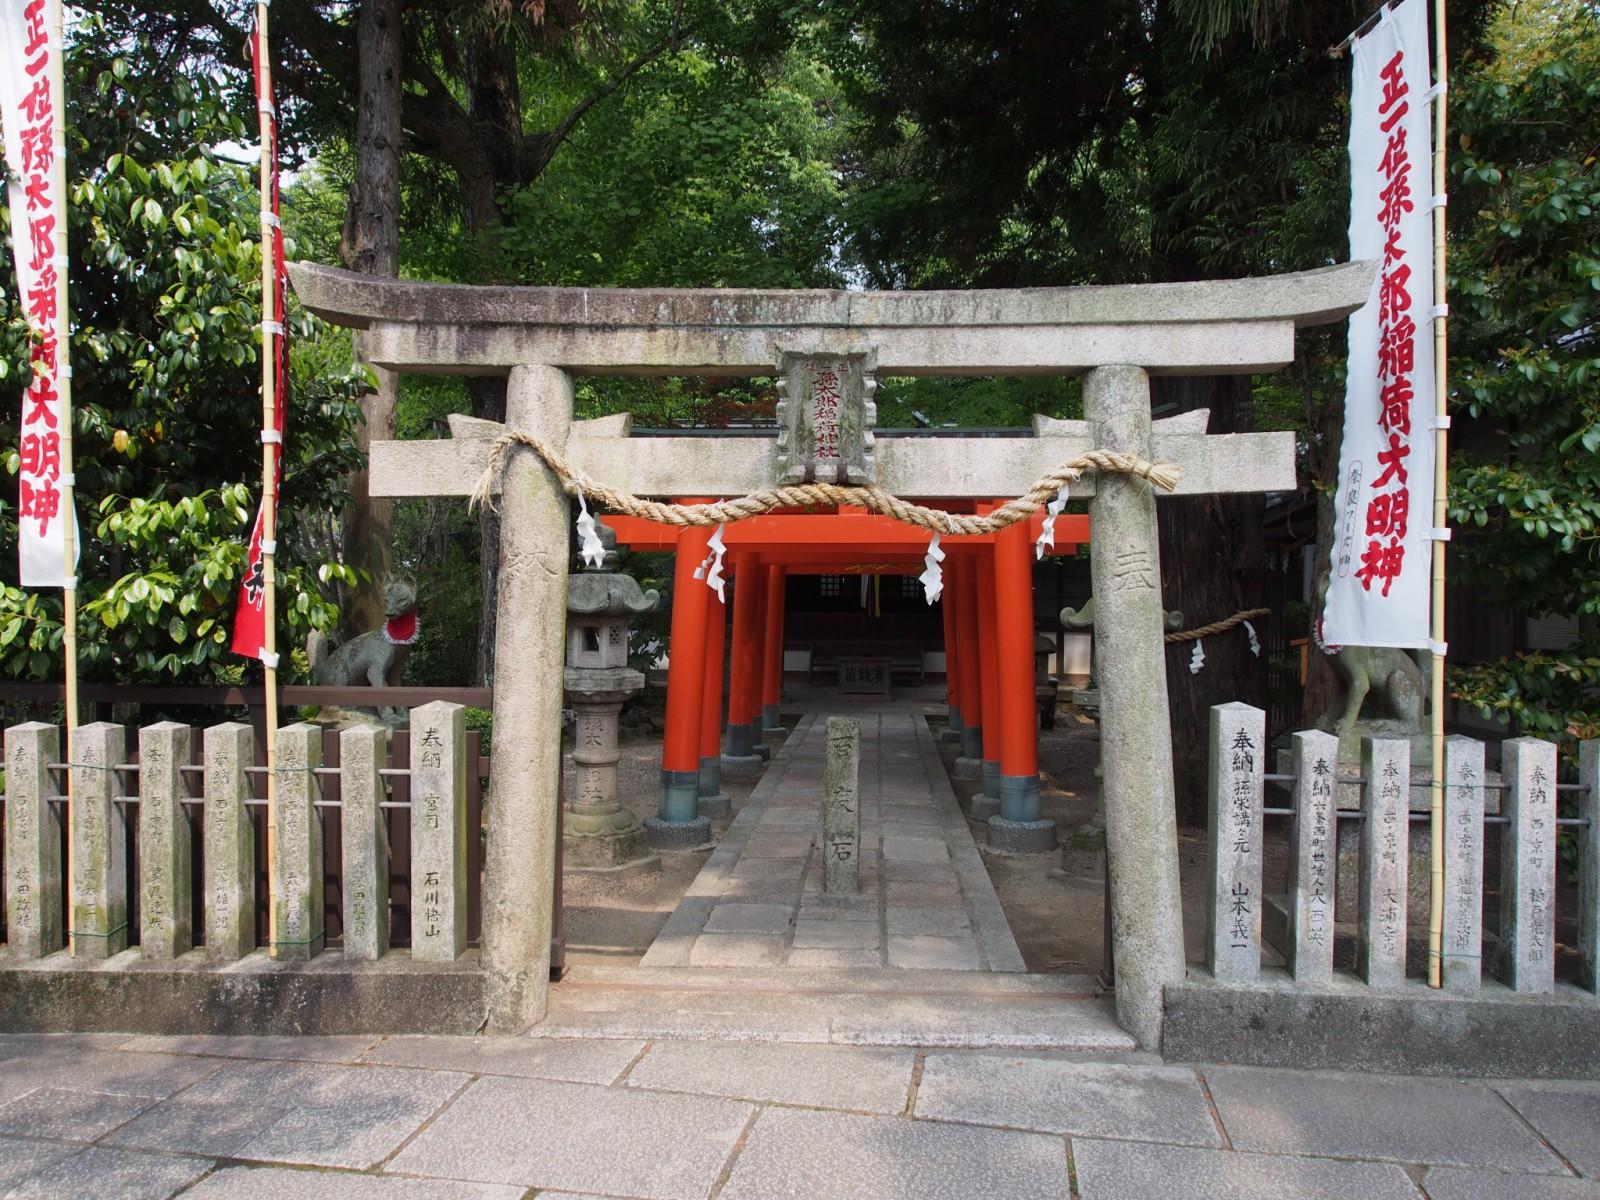 孫太郎稲荷神社の鳥居